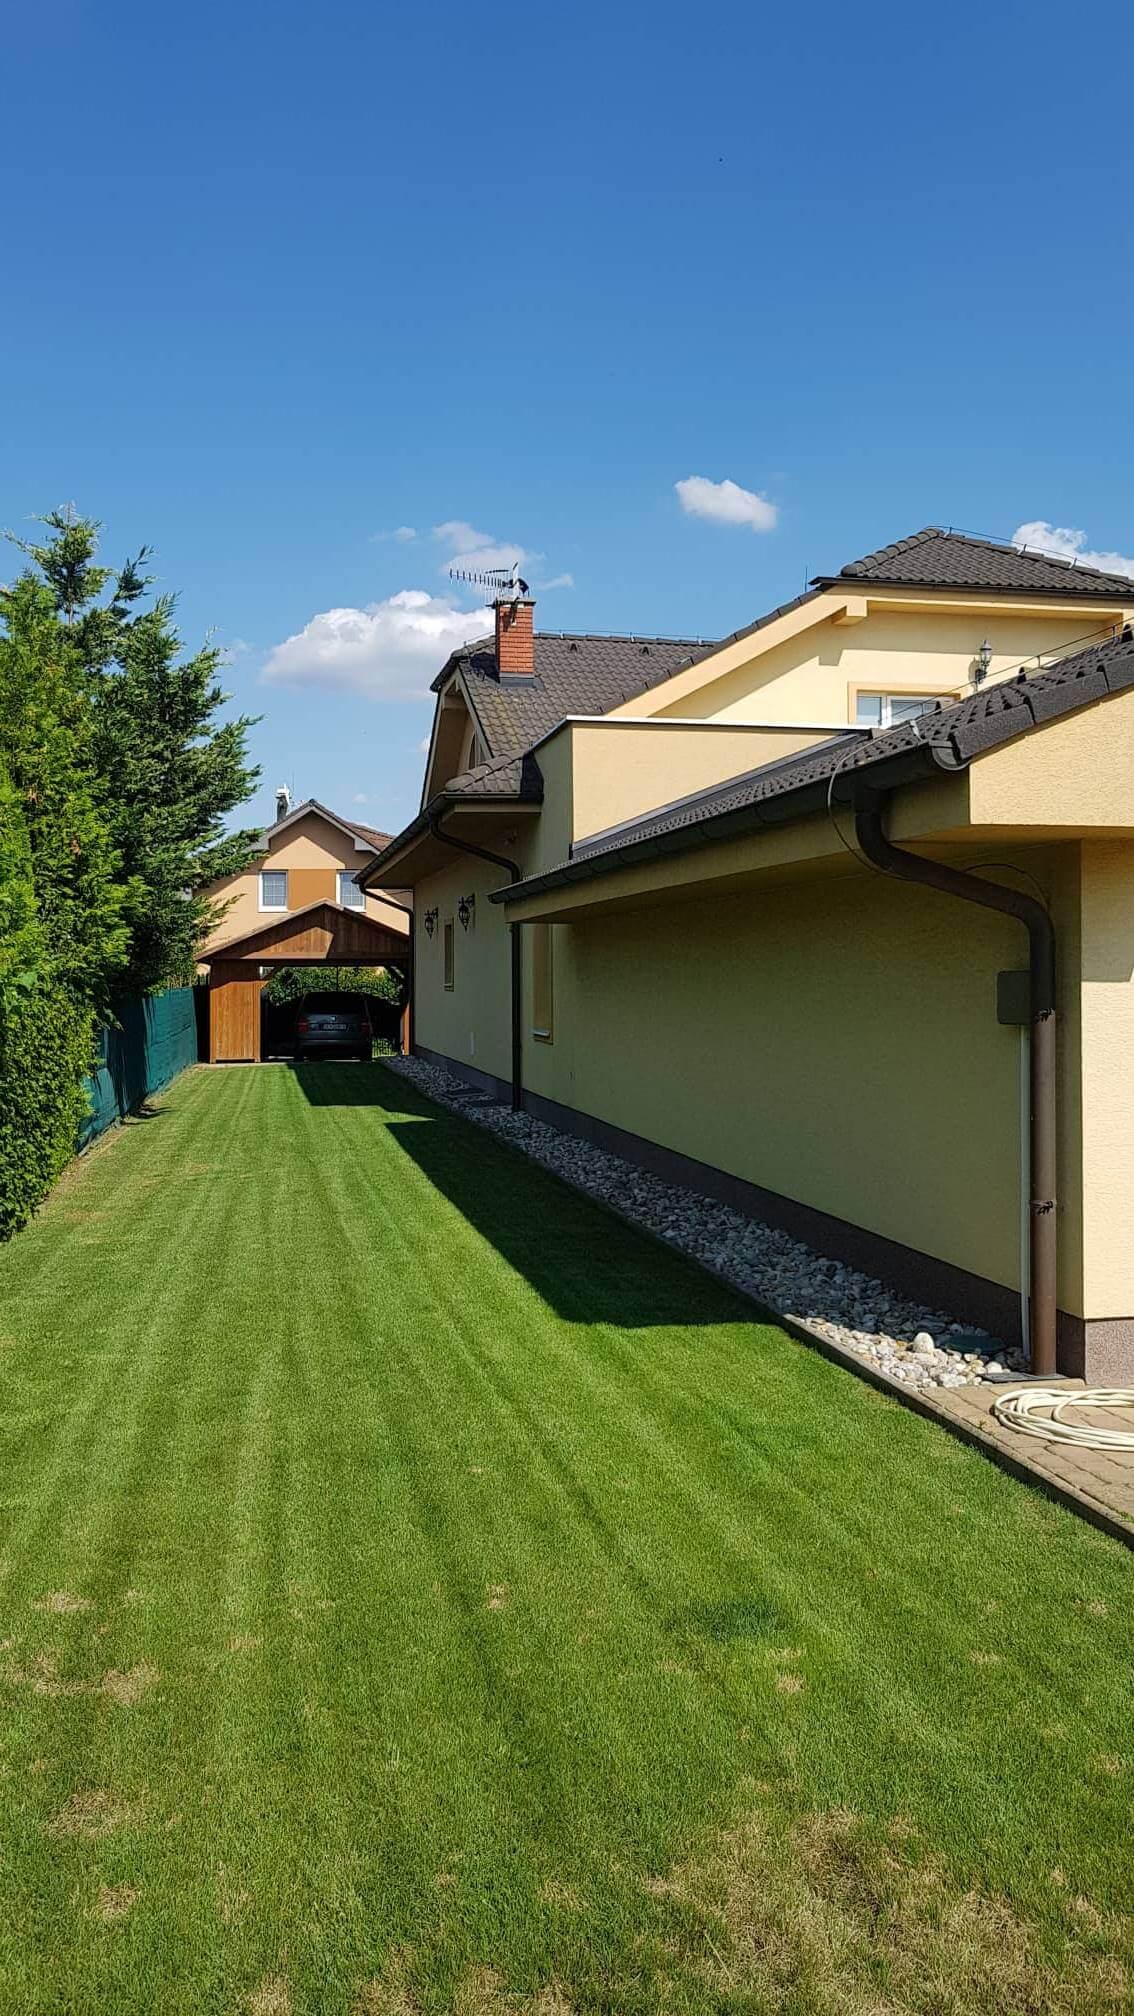 Rodinná Vila exkluzívna, 3 podlažia, úžitková 660m2, pozemok 1073m2, Alžbetin Dvor Miloslavov-26